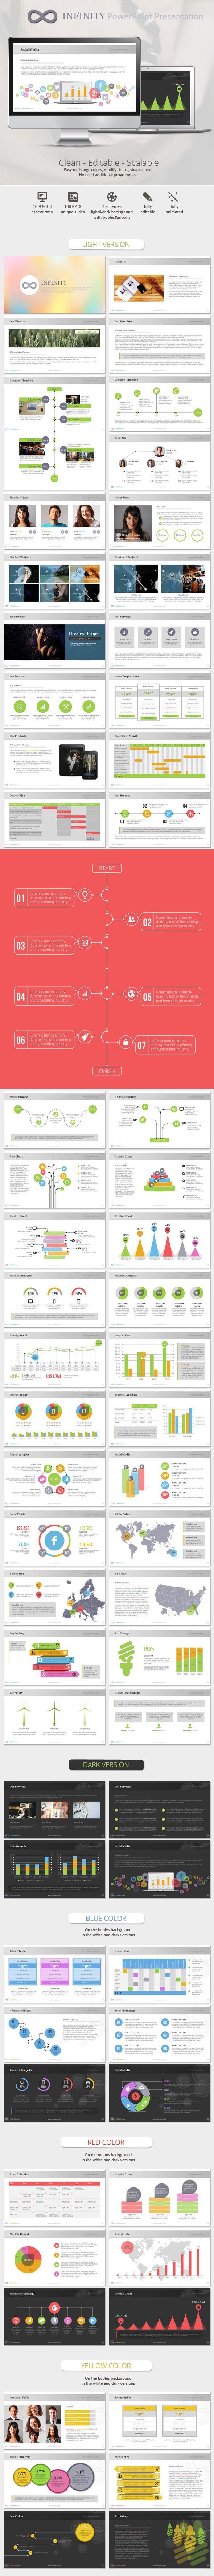 دانلود graphicriver Infinity Colors Business PowerPoint Presentation Template